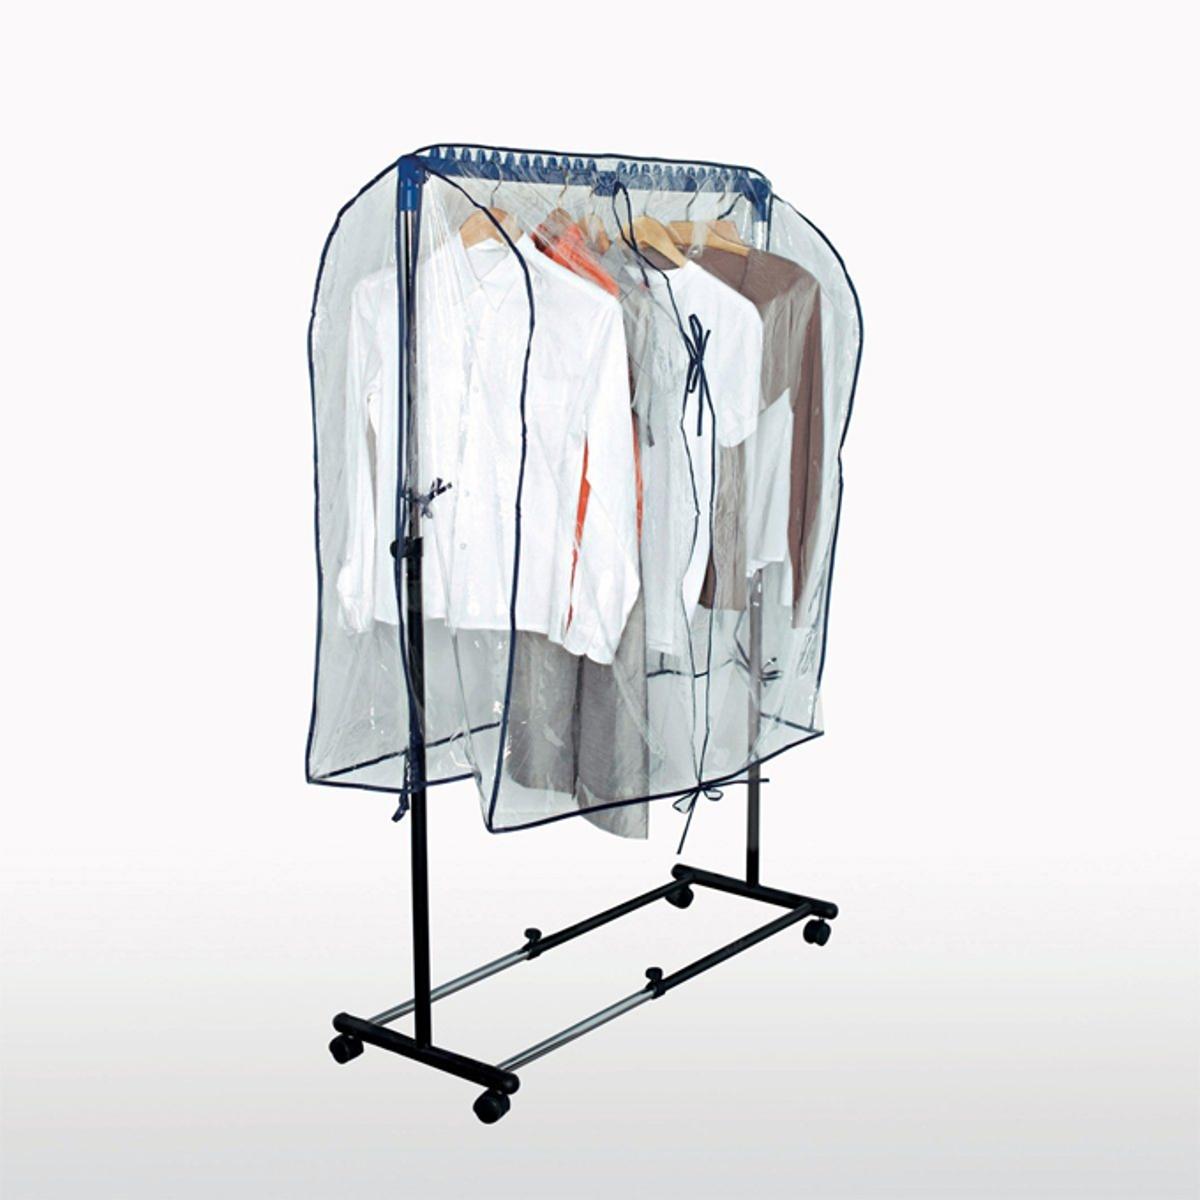 Чехол для вешалкиЧехол для вешалки защищает Вашу одежду от пыли.Описание чехла :- Из прозрачного полиэтилена.- Отделка синей каймой.ОПИСАНИЕ ЧЕХЛА :- Завязки по бокам.Размеры :- Ш100 x В55 x Г91 см.Чехол адаптируется по размеру к раздвижной вешалке на колесиках и вешалке с регулировкой по высоте, которые можно приобрести на нашем сайте.<br><br>Цвет: прозрачный